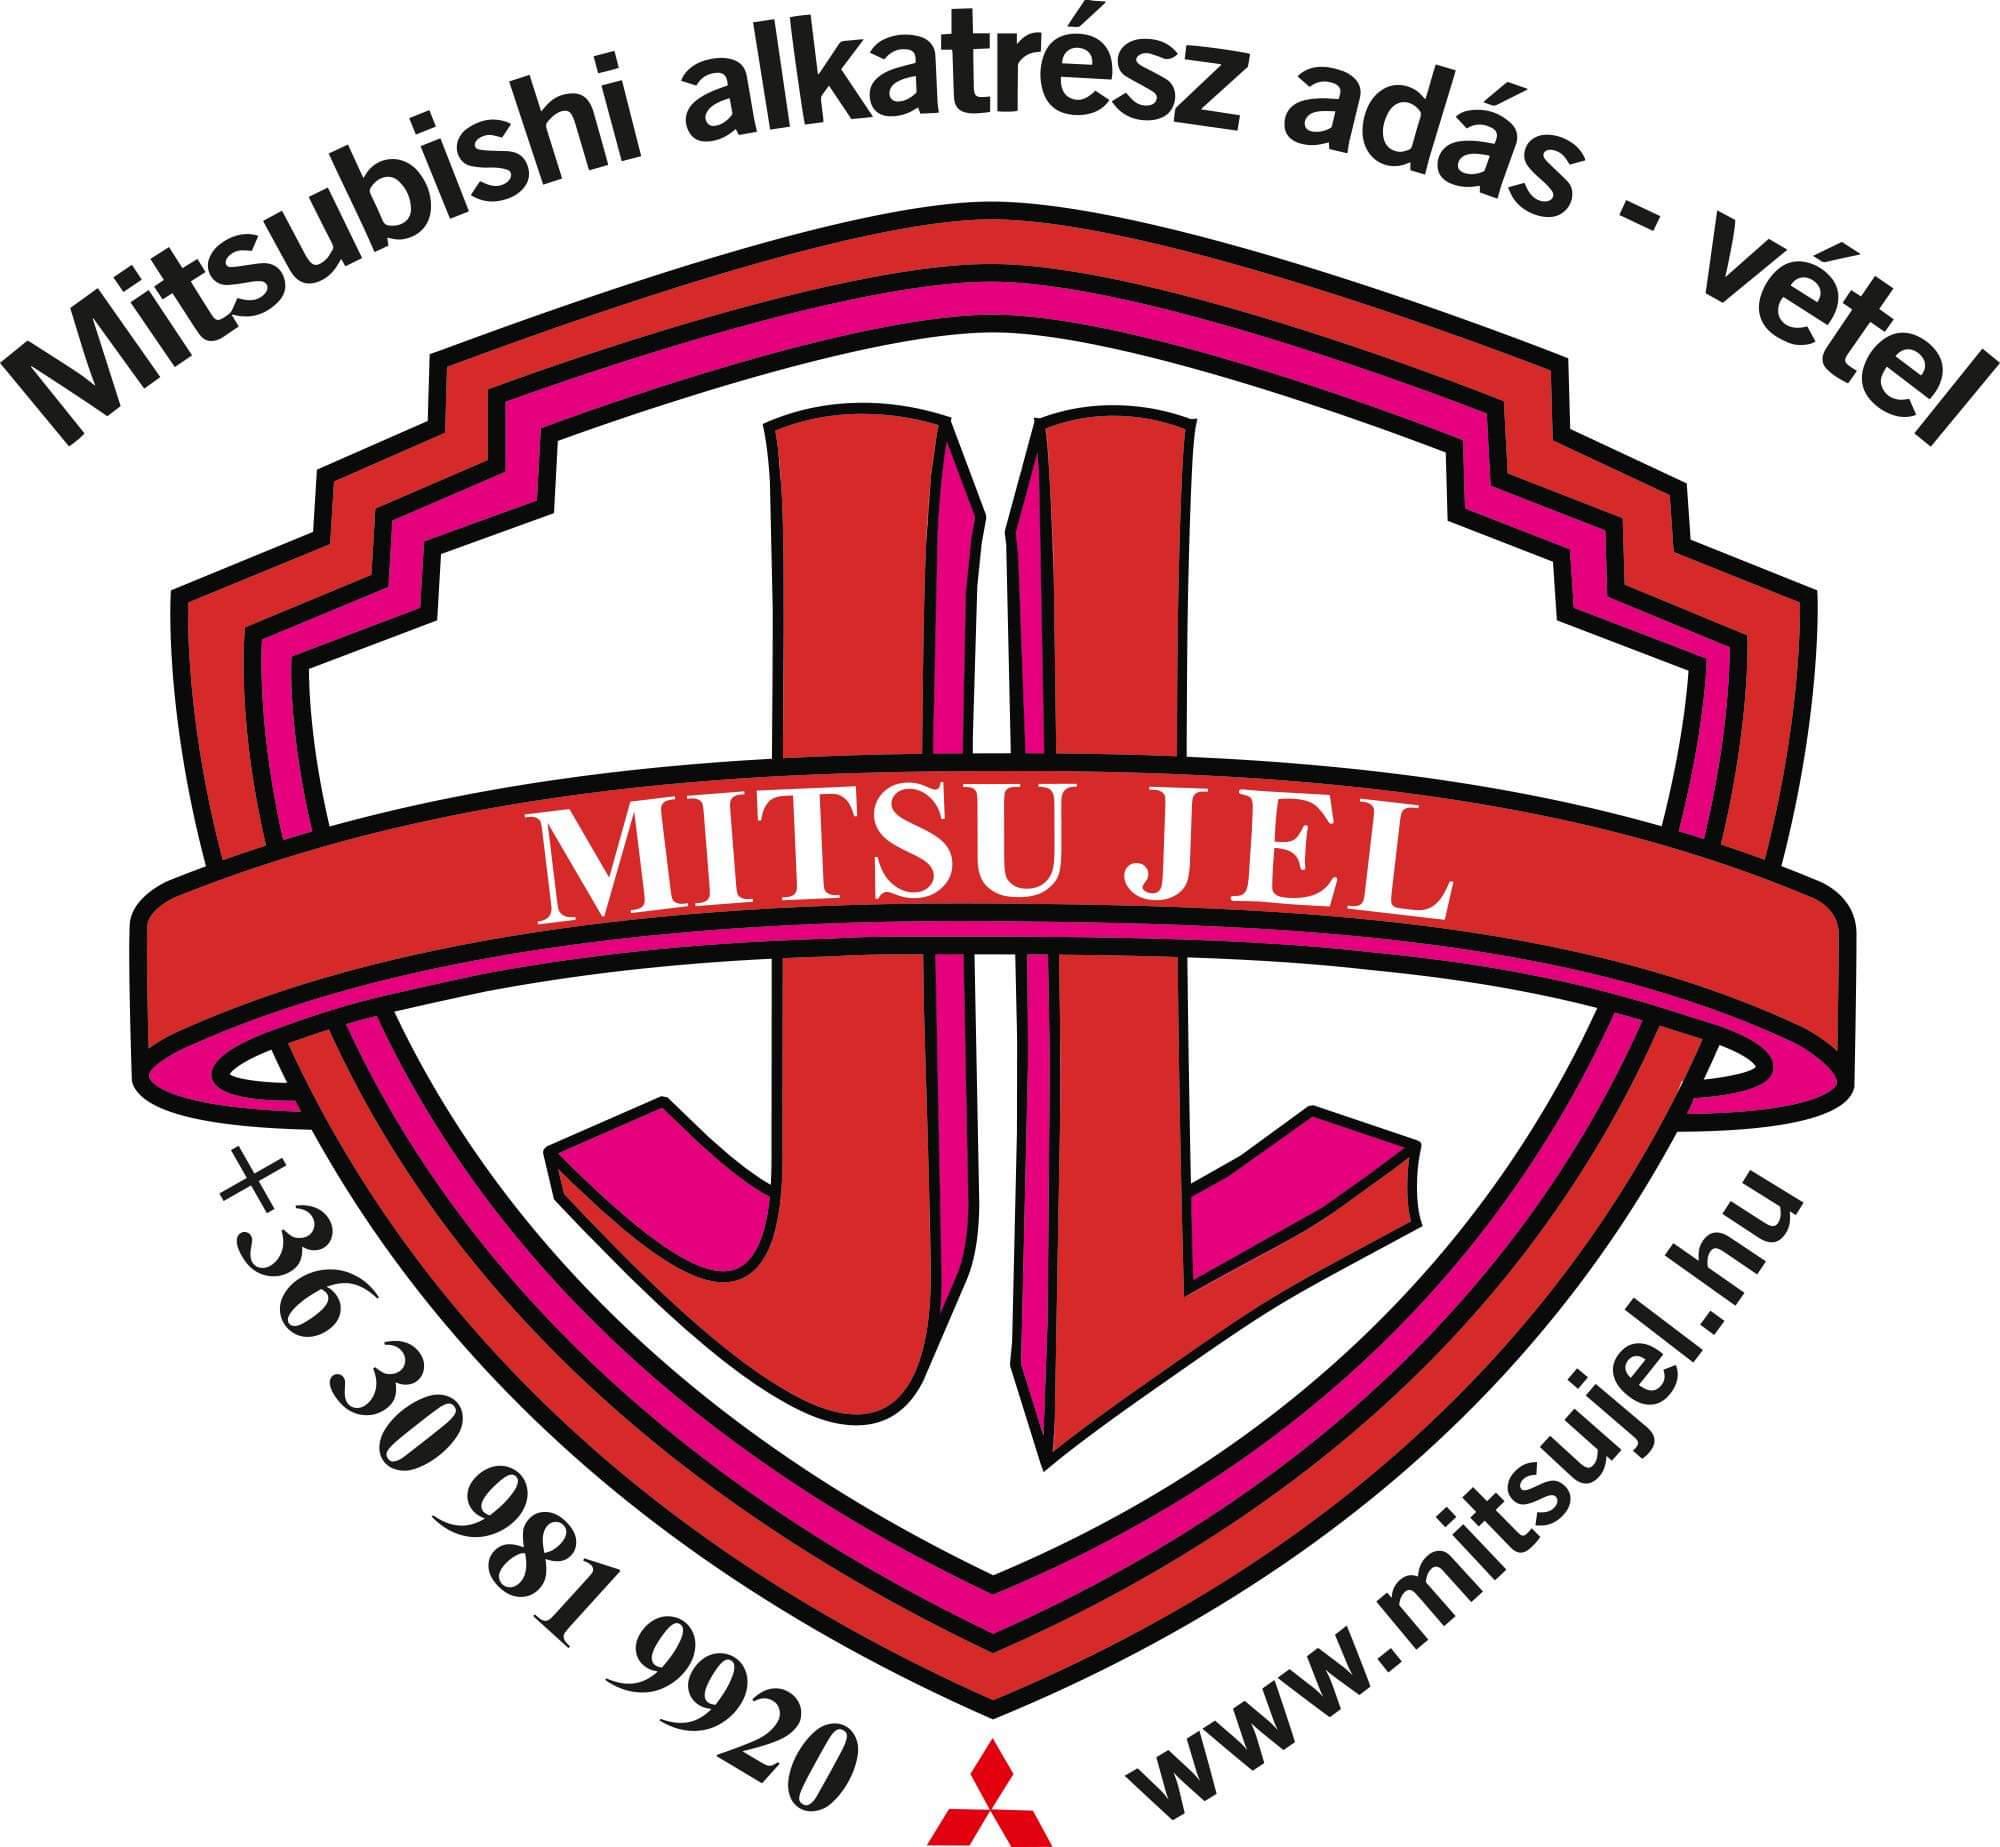 Mitsu JeL